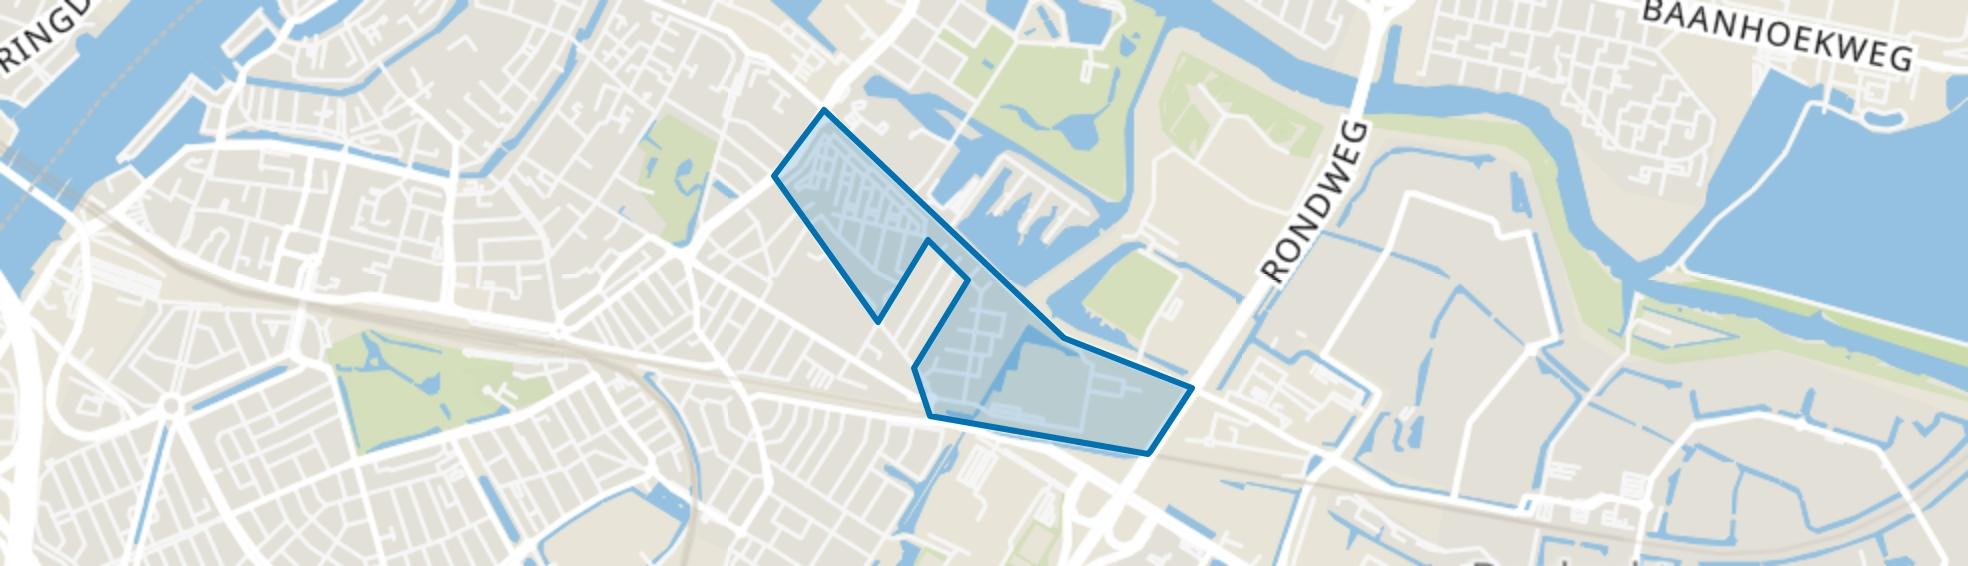 Vogelplein-Aalscholverstraat en omgeving, Dordrecht map